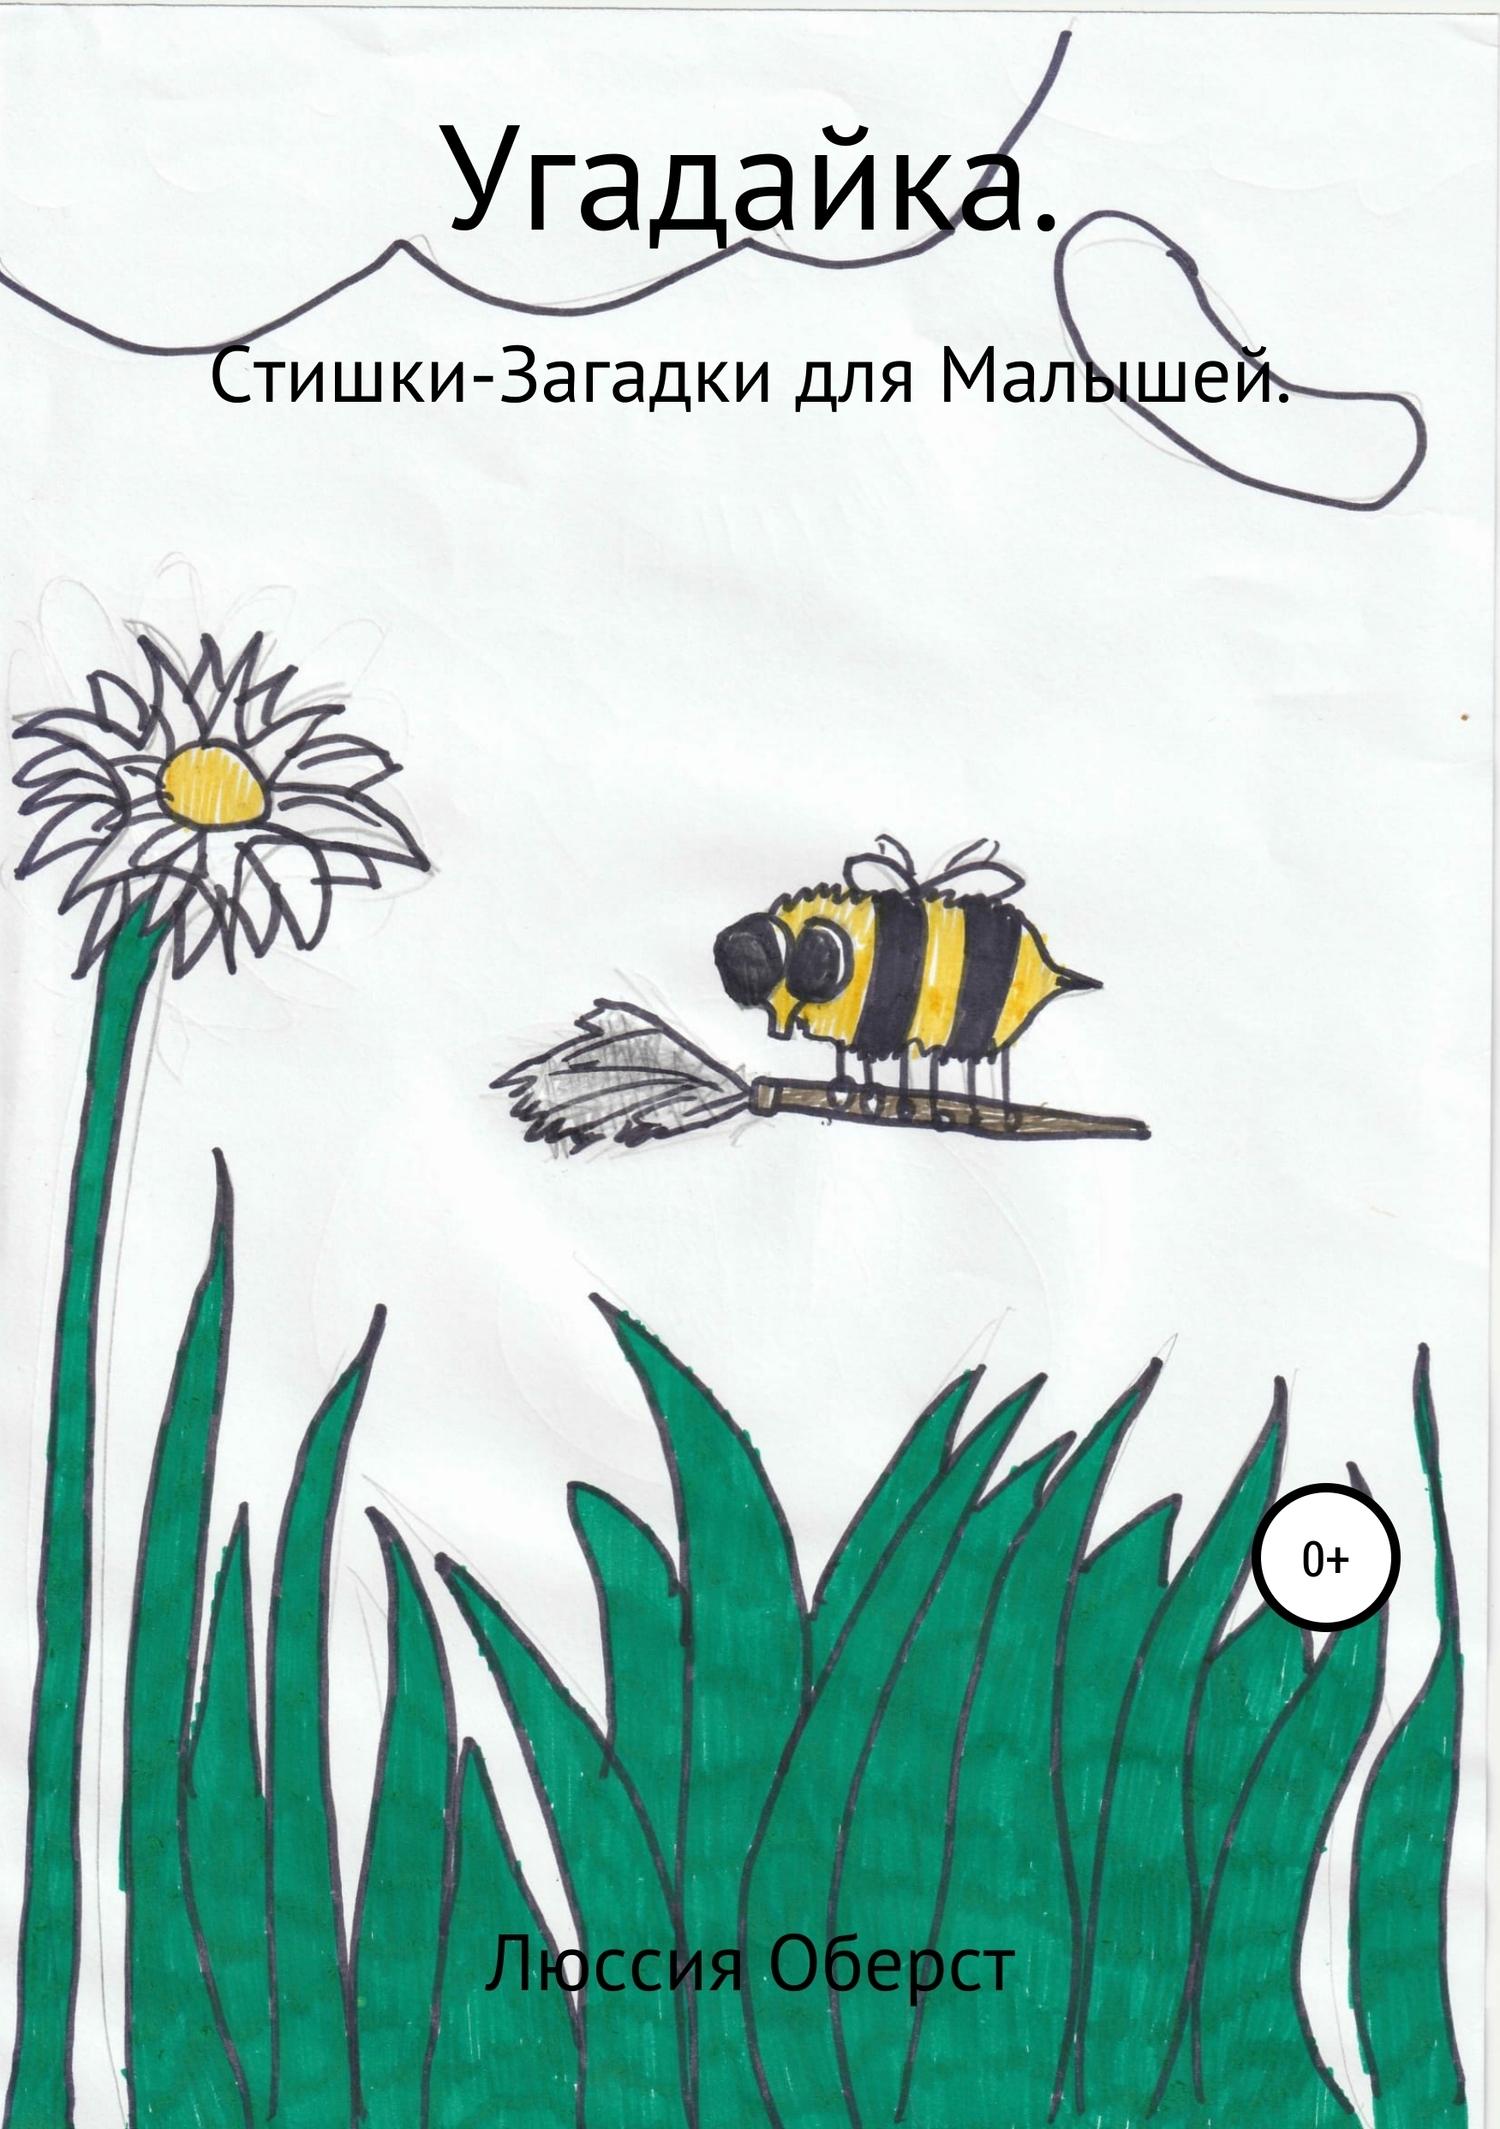 Люссия Оберст - Угадайка